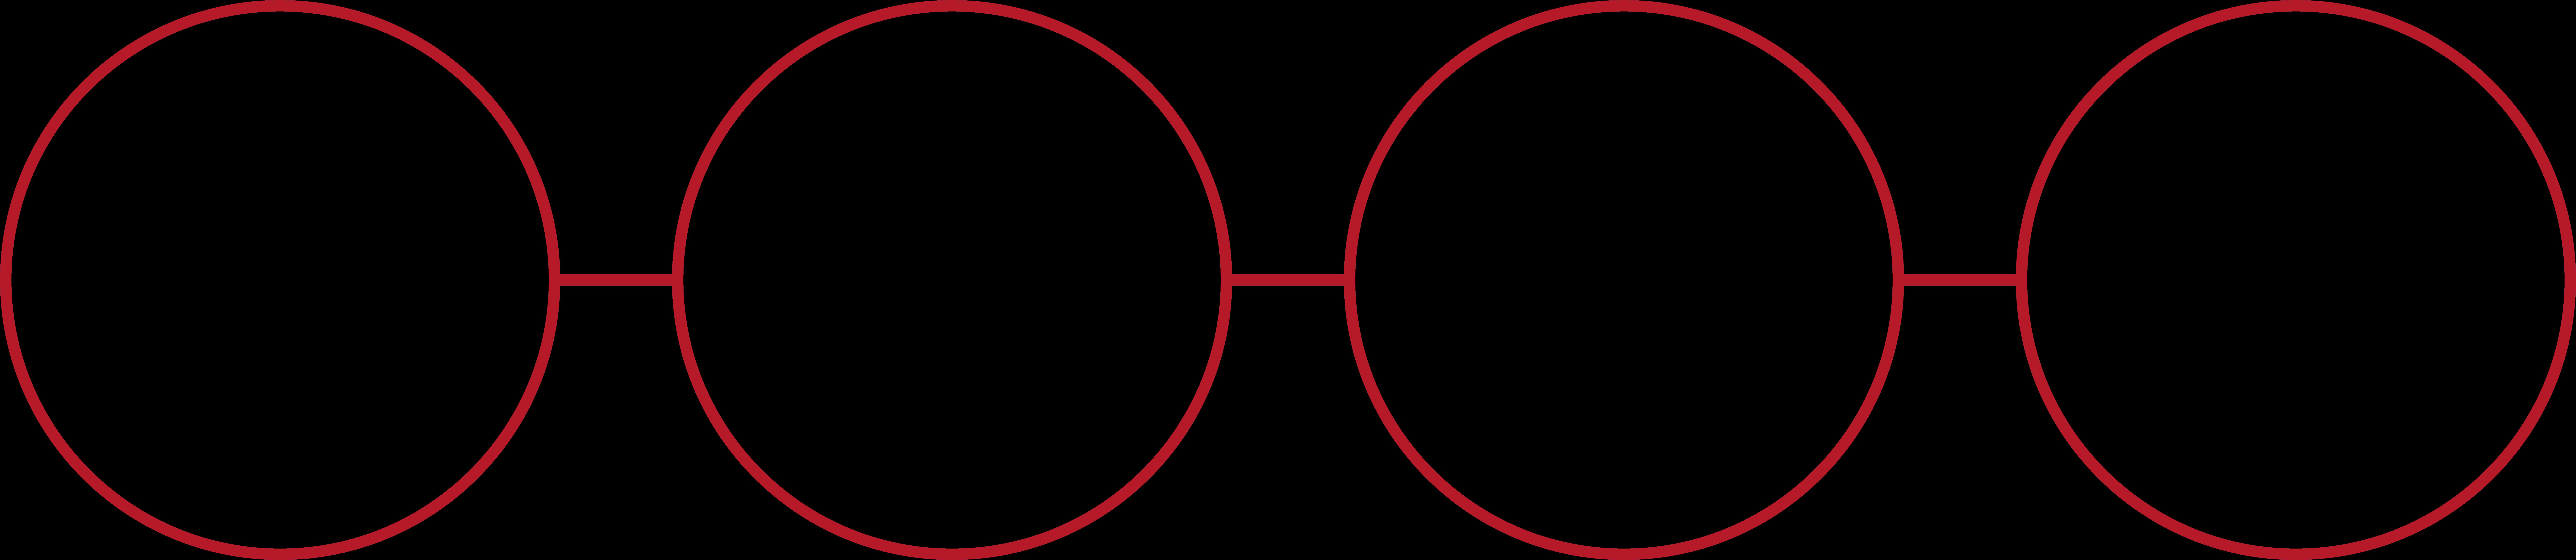 4 cirkler